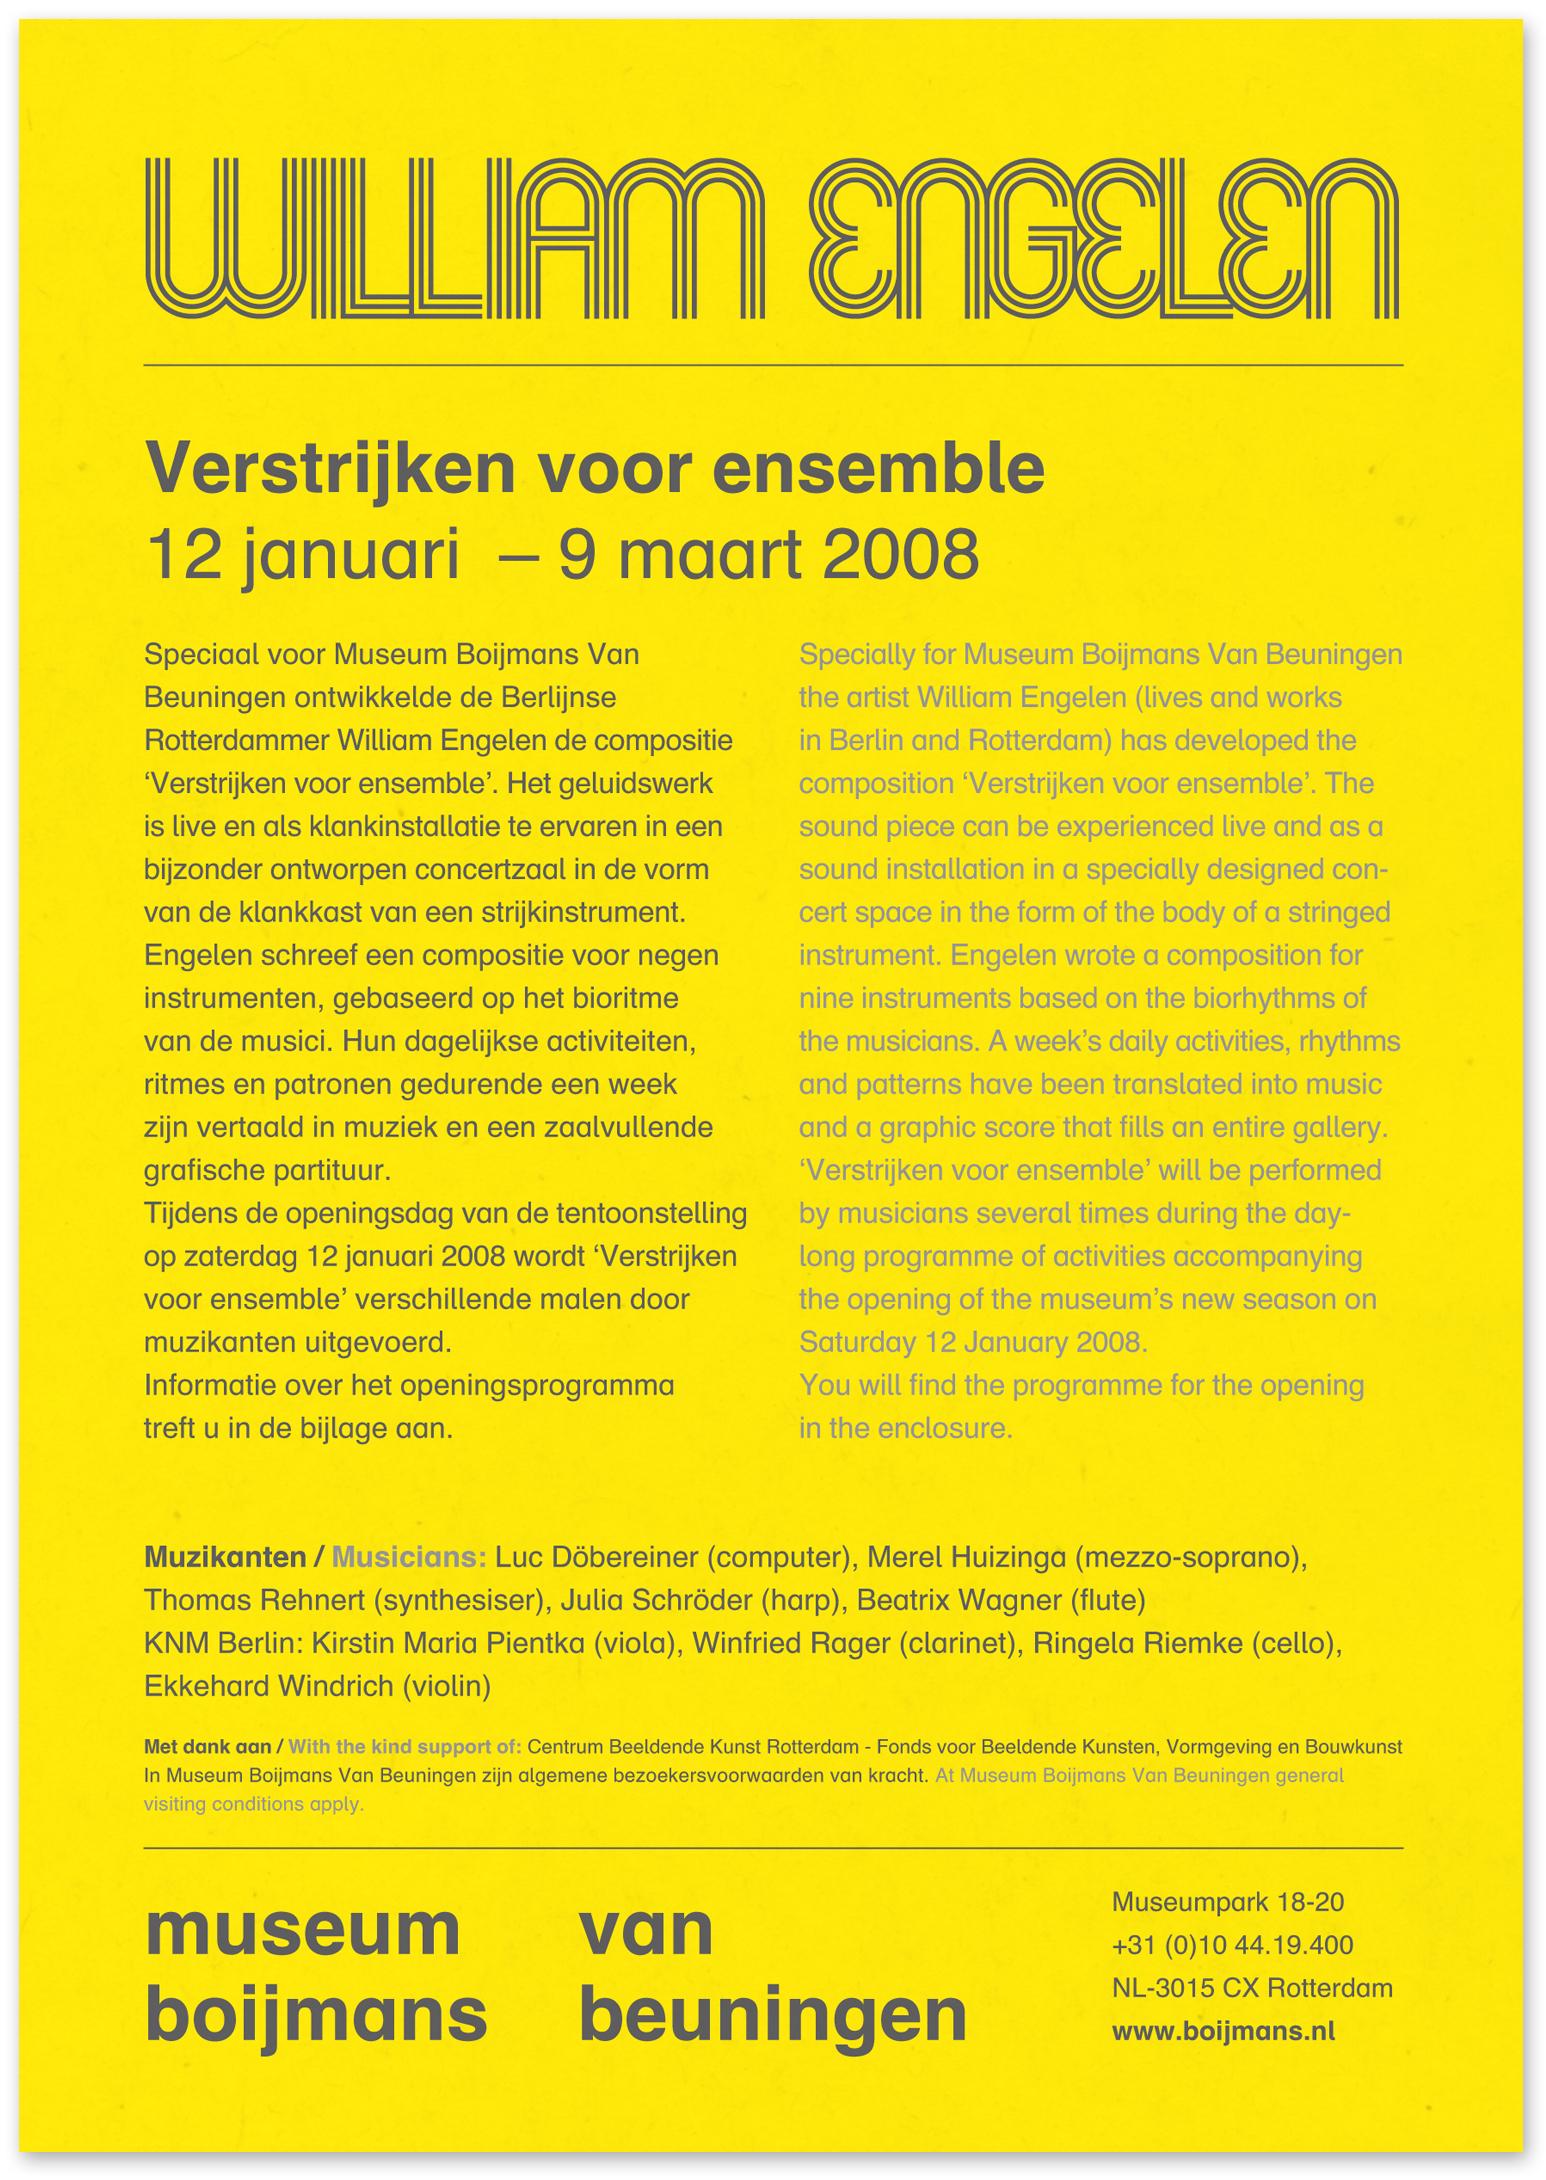 bstudio_colorado-boijmans_van_beuningen-flyer_engelen-2